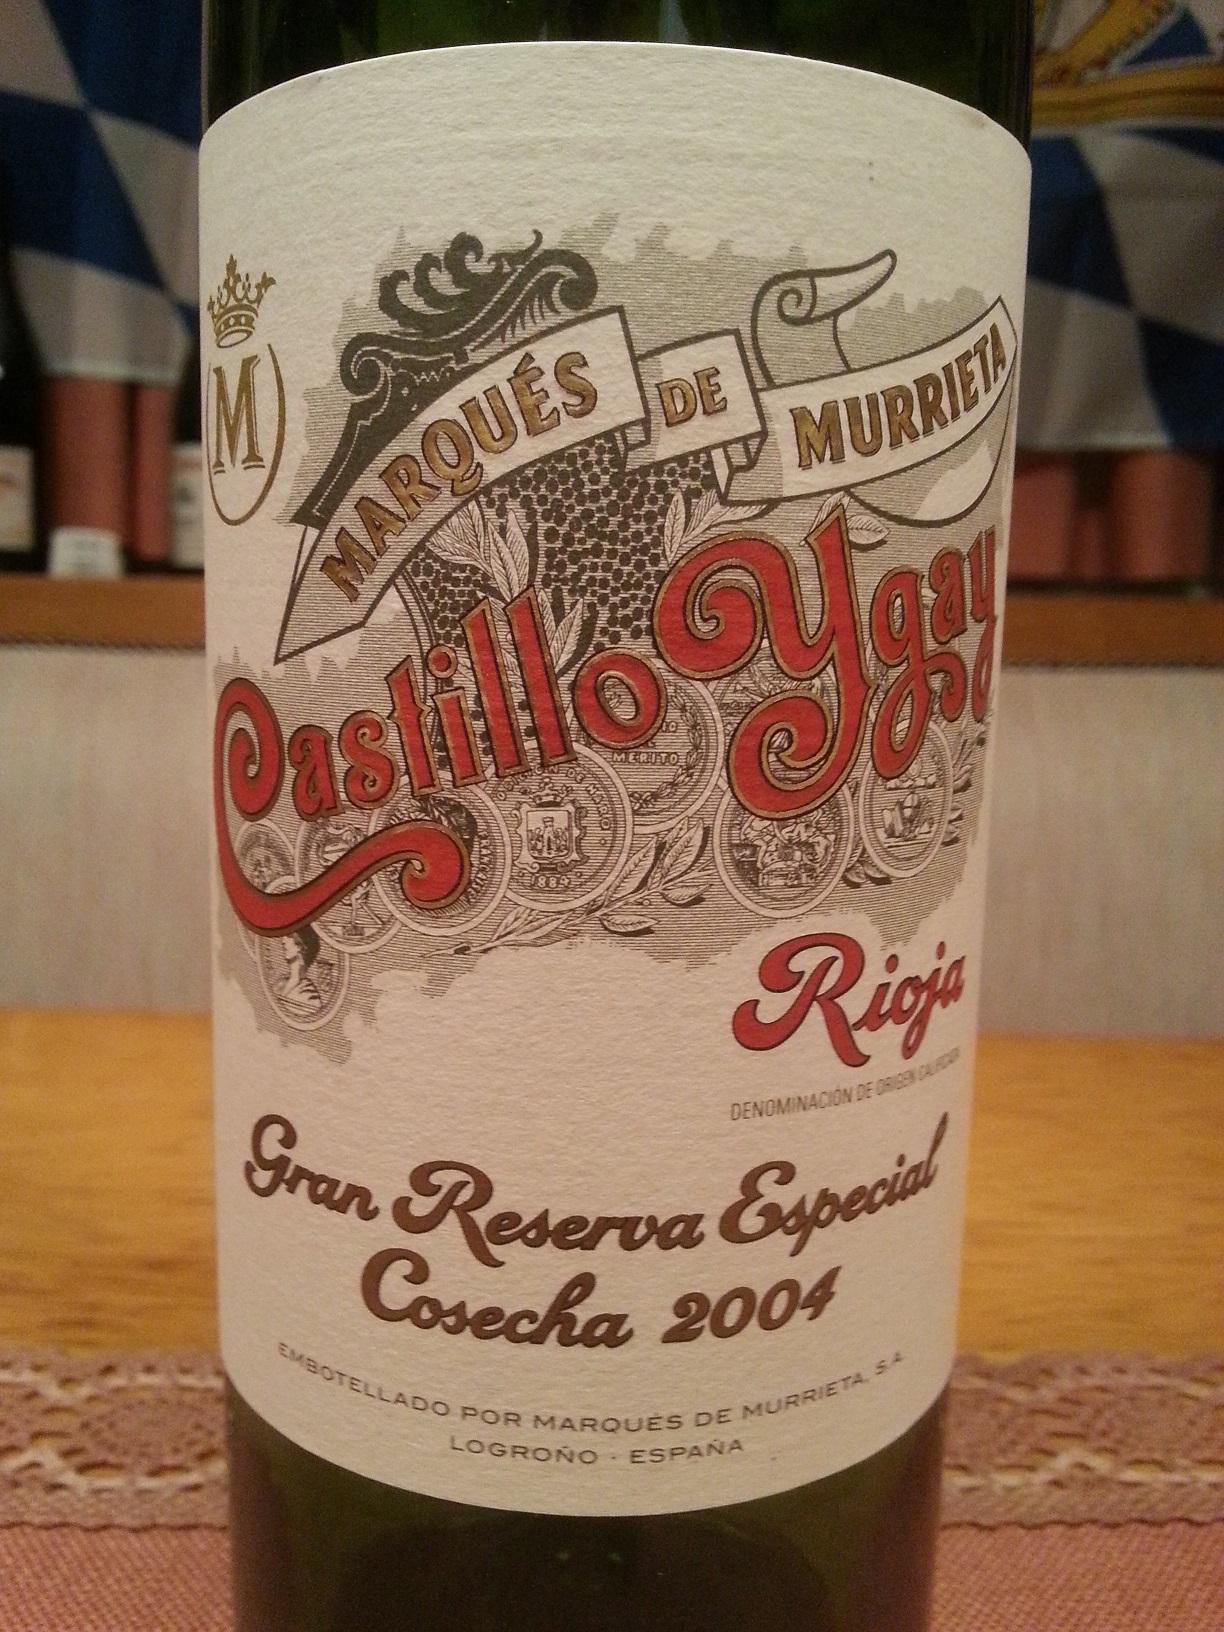 2004 Castillo Ygay Gran Reserva Especial | Murrieta